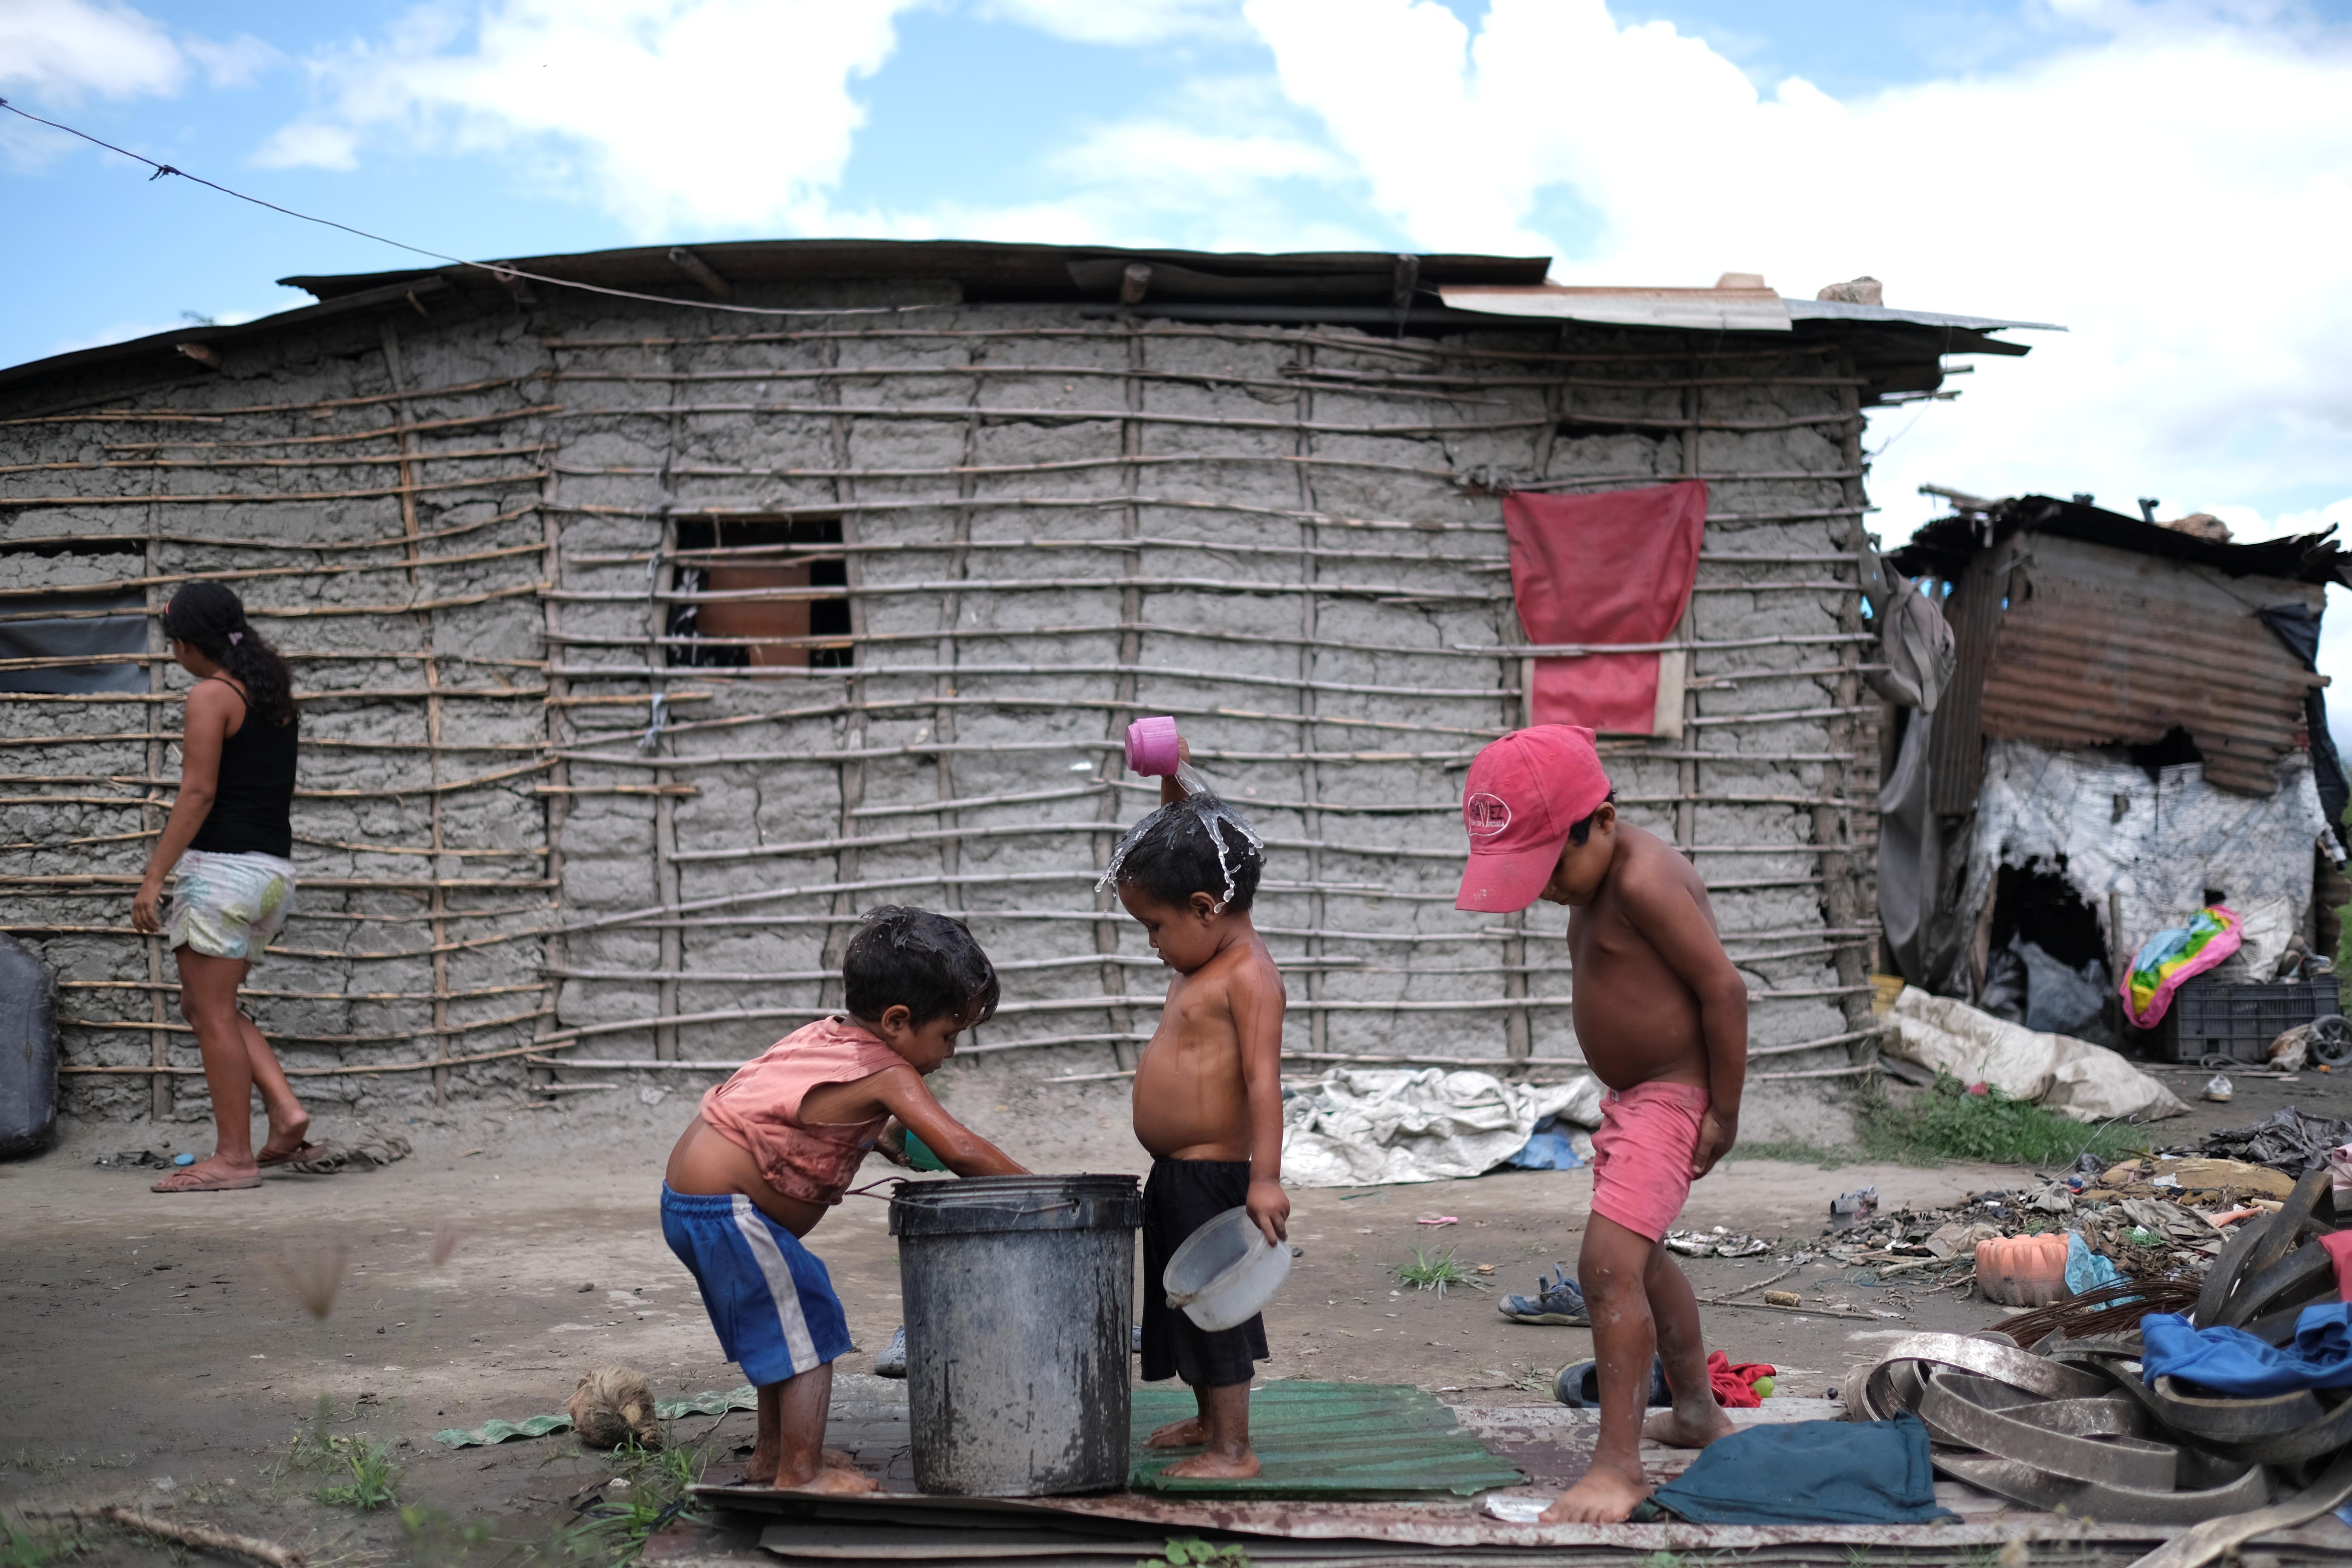 Pastor, de 3 años, y Josue, de 4, están rodeados de basura. Ellos también sufren desnutrición (REUTERS/Carlos García Rawlins)